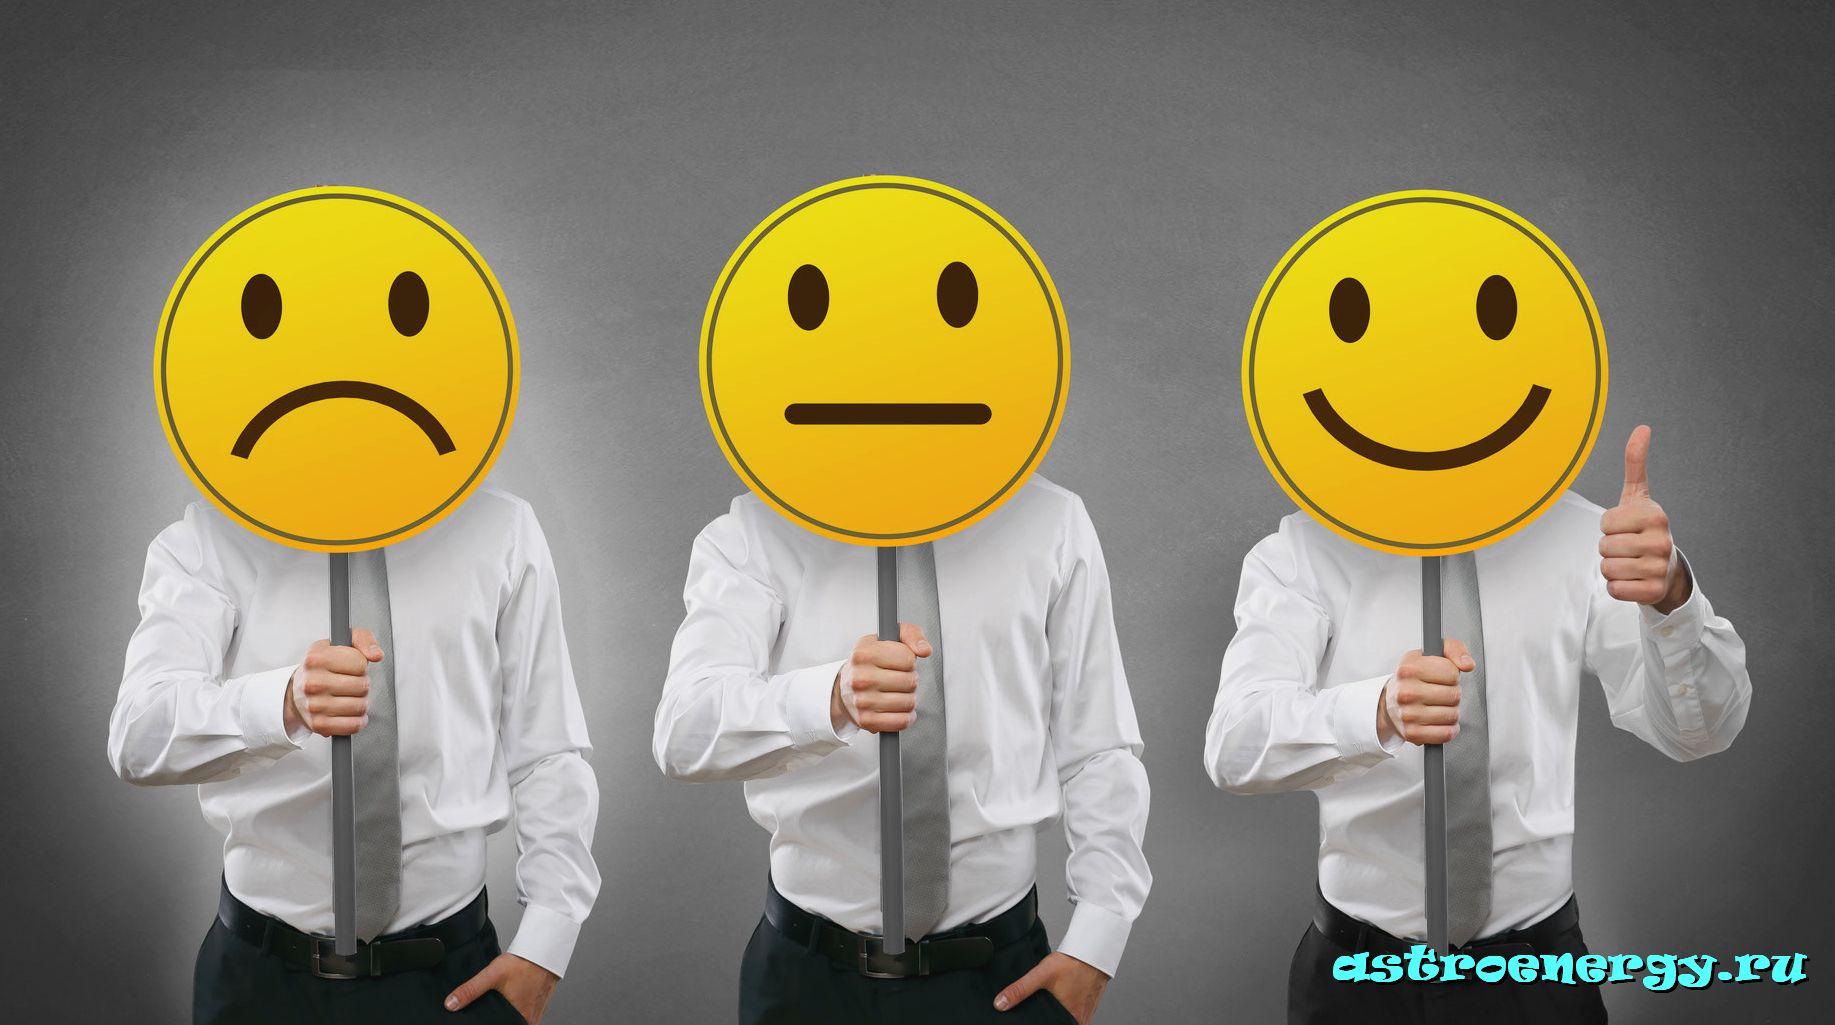 негативное и позитивное мышление